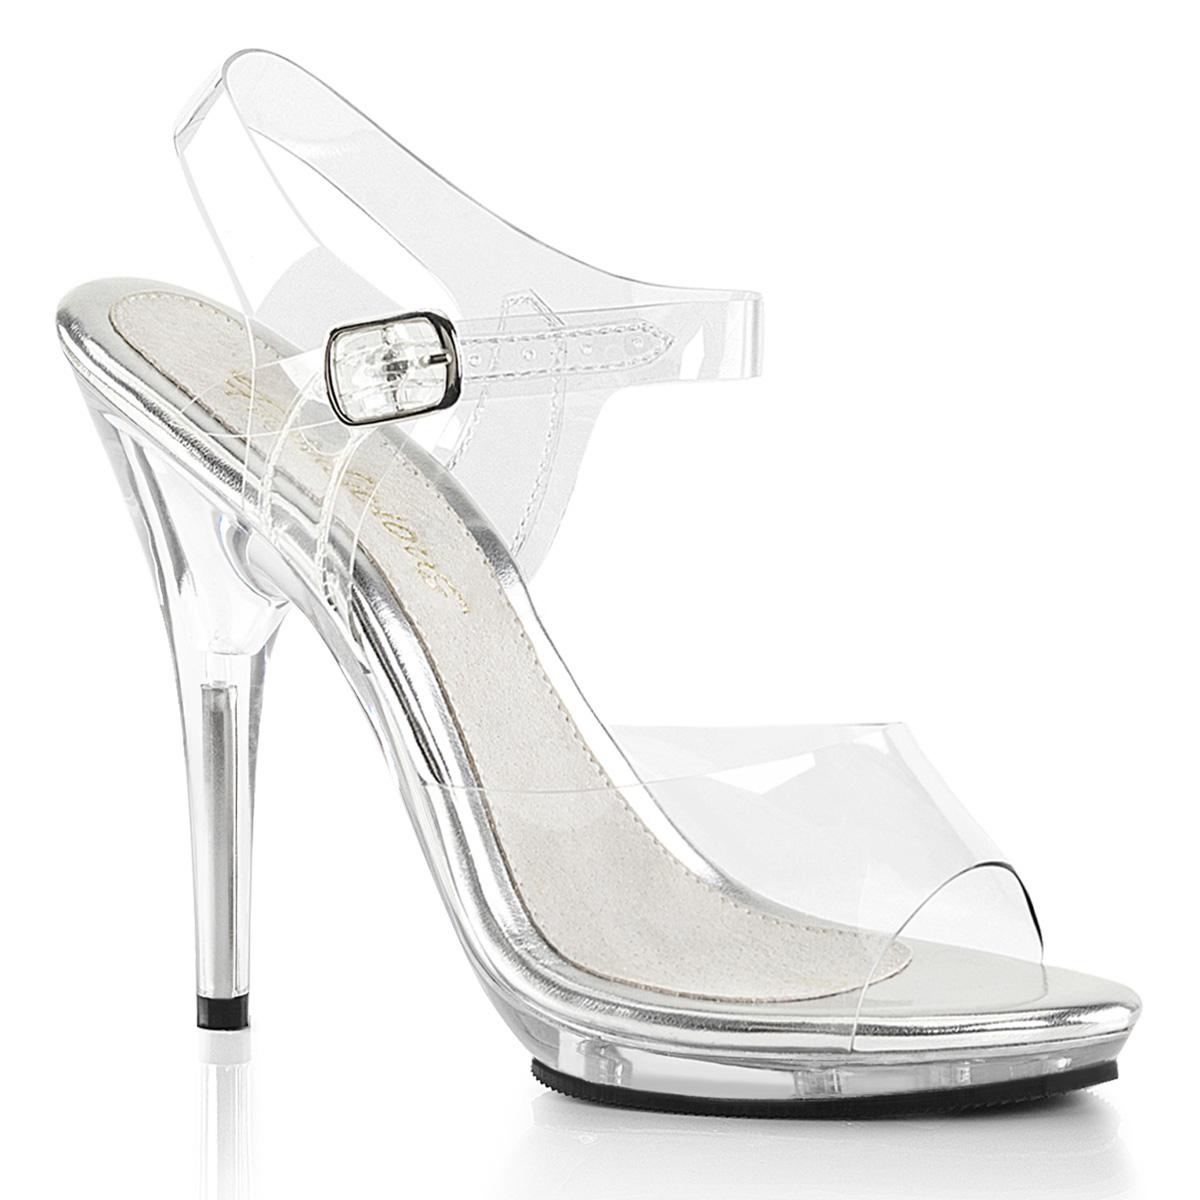 Sandalette POISE POISE Sandalette 508 Klar, Fabulicious 73b3e7